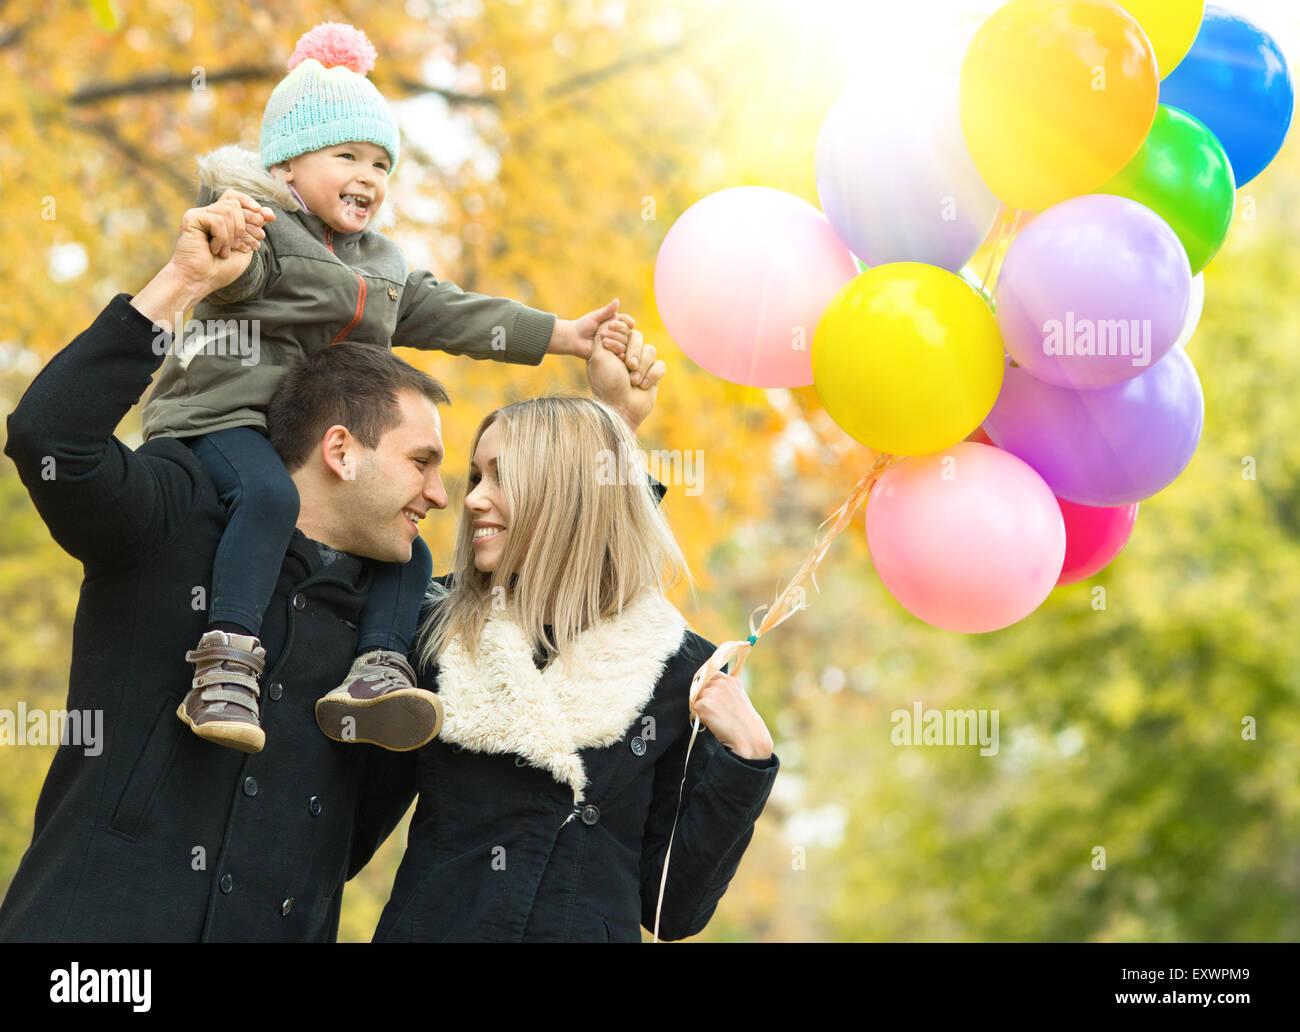 glückliche Familie mit kleinen Kinder und Luftballons, Ausflug im Herbst park Stockbild